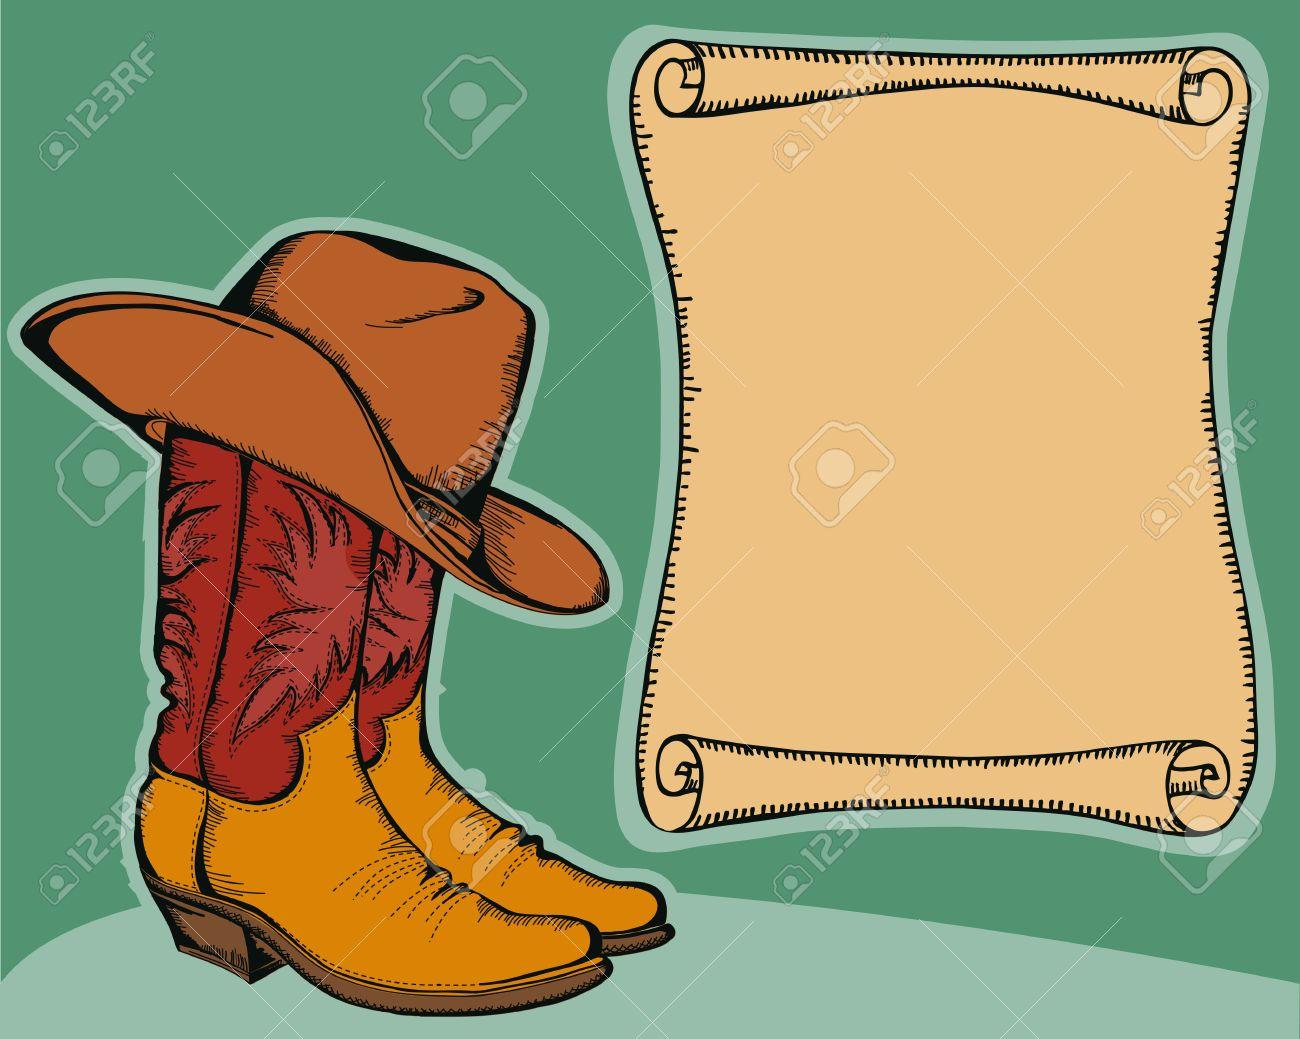 Contemporáneo Colorear Sombrero De Vaquero Y Botas Imagen - Dibujos ...